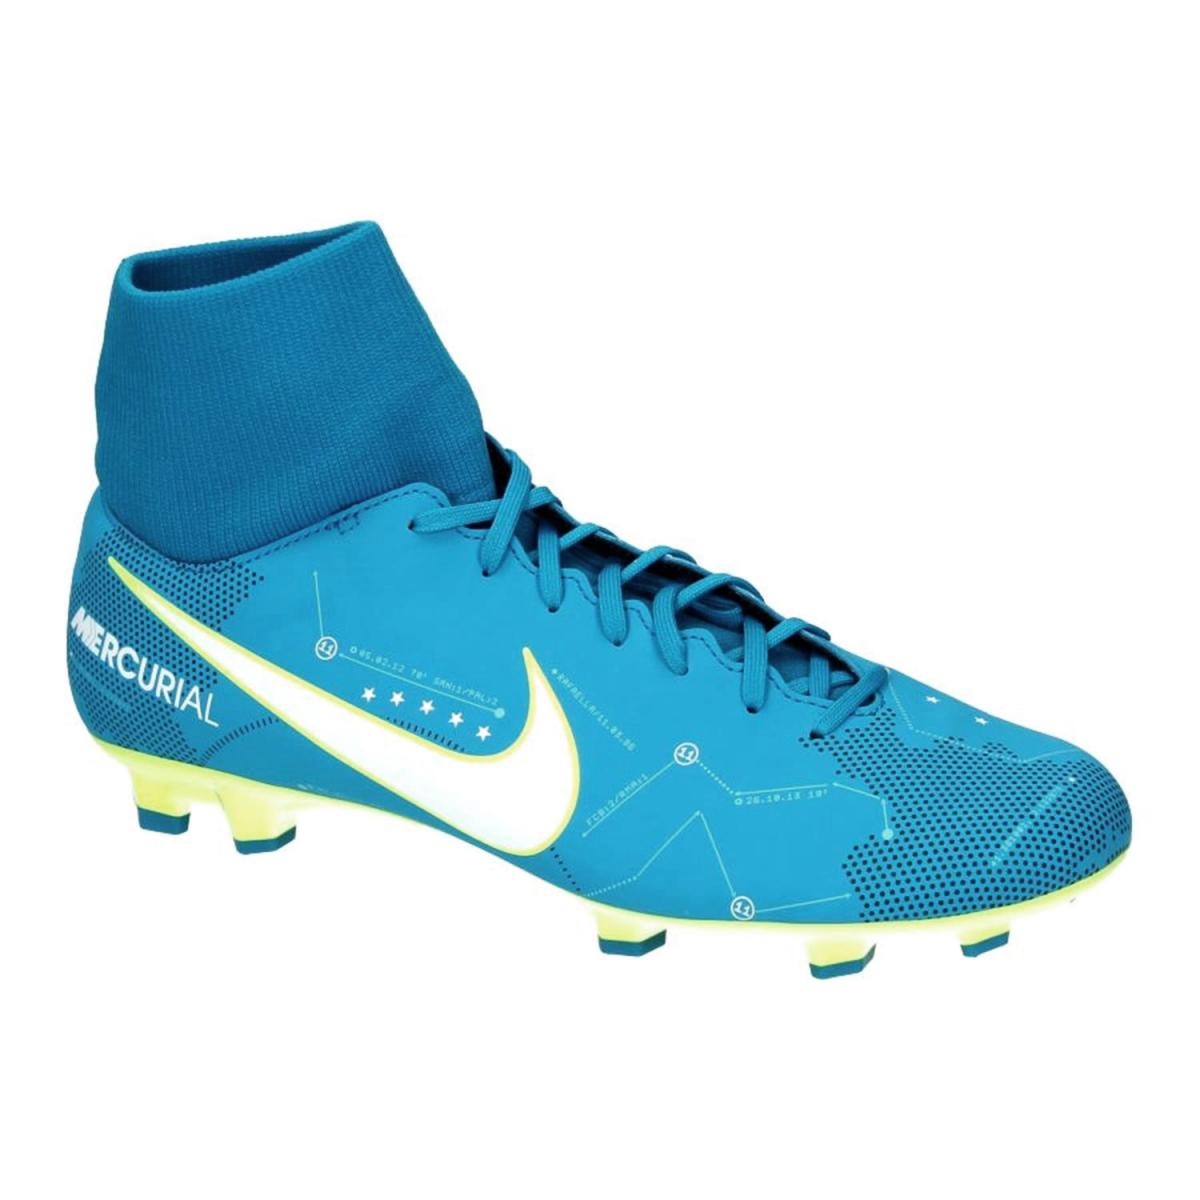 c78c94eb00 Chuteira Nike Mercurial Victory VI DF Neymar Junior FG 921506-400  Azul Verde Limão